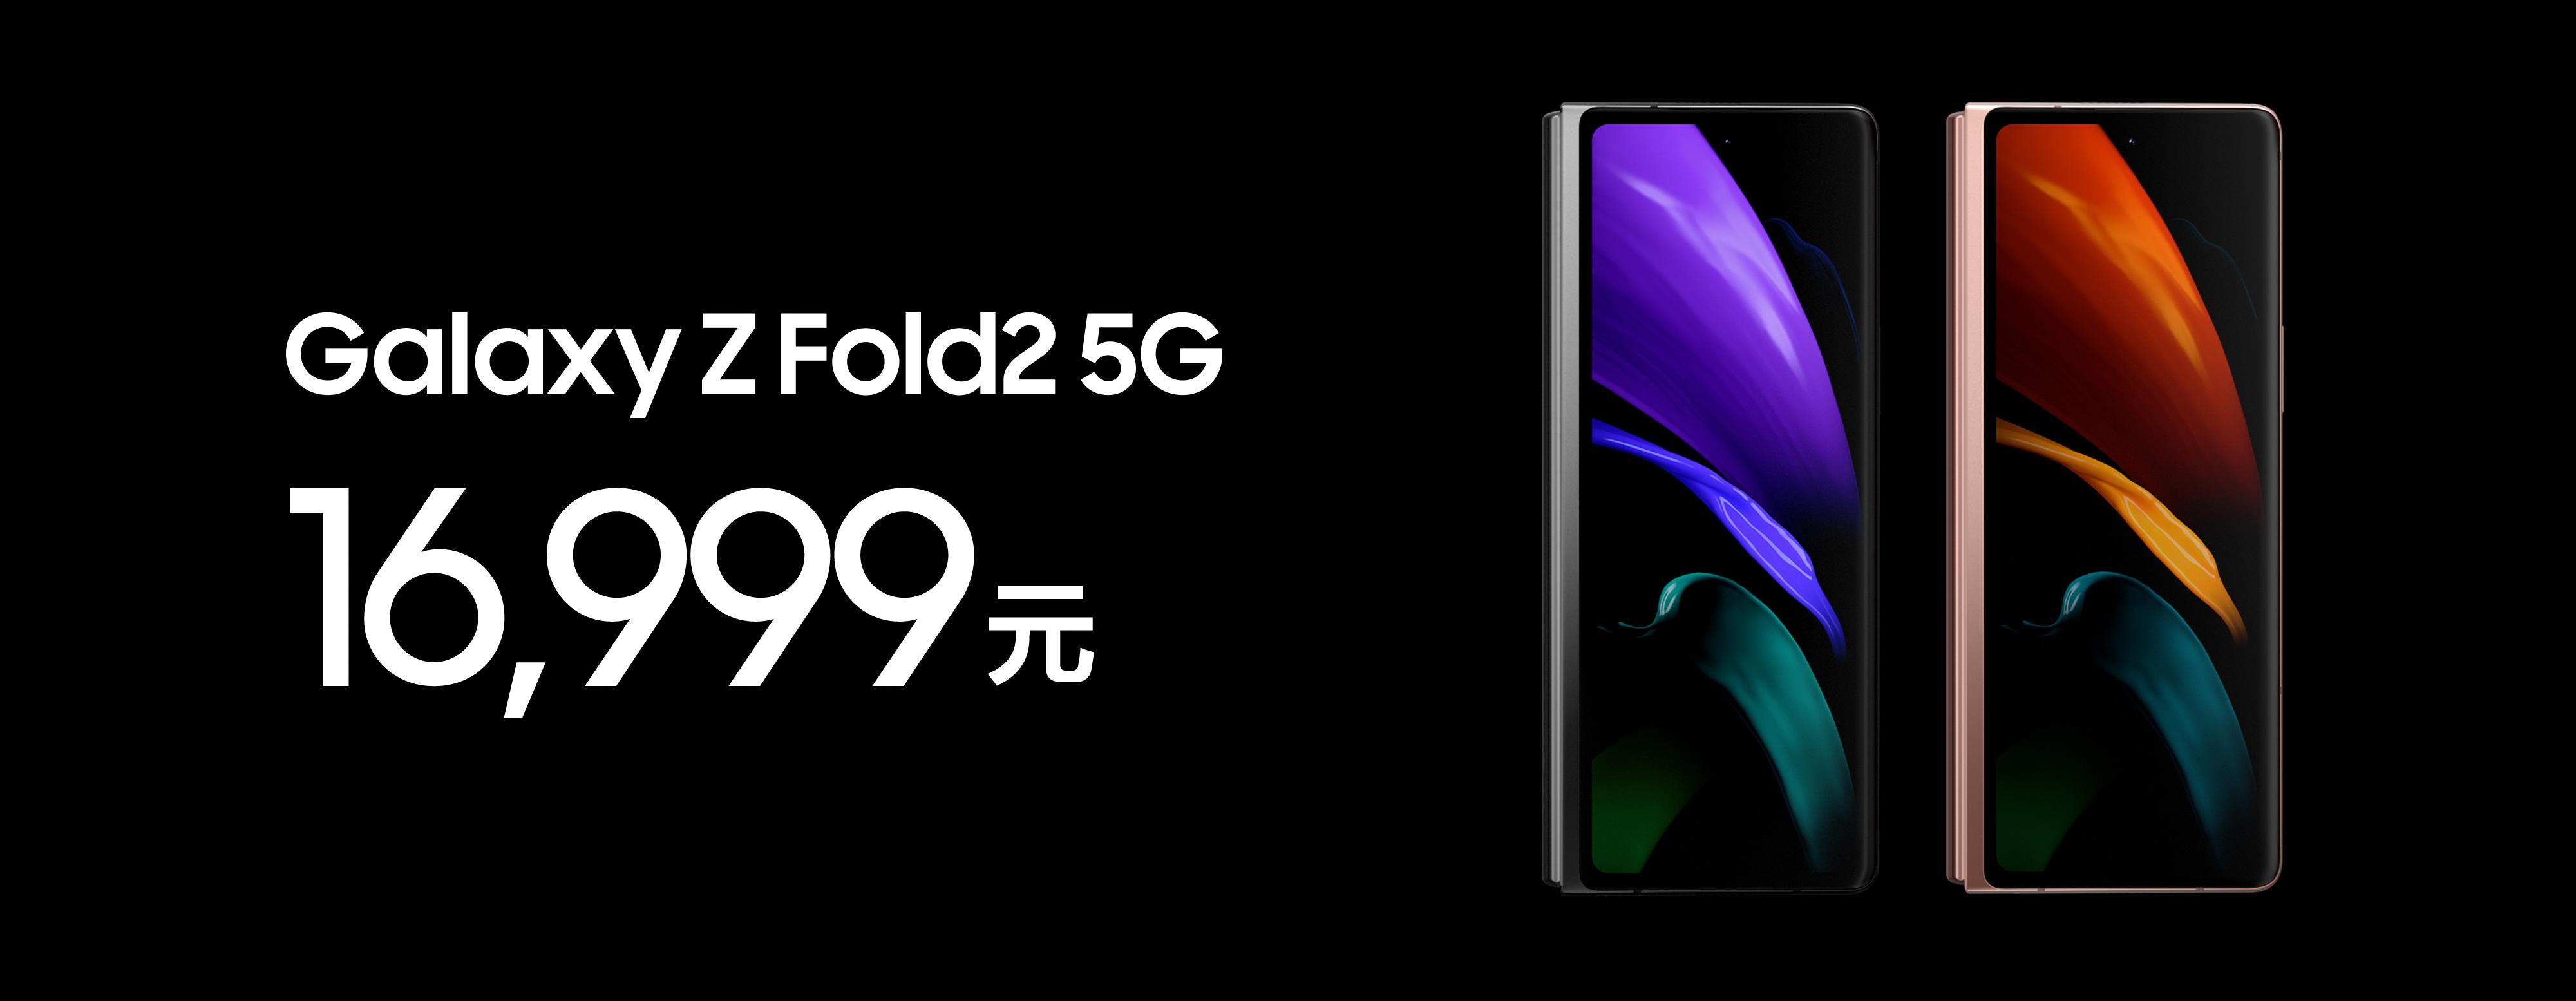 三星发布二代折叠屏手机Z Fold2 5G,16999元的价格你能接受吗?